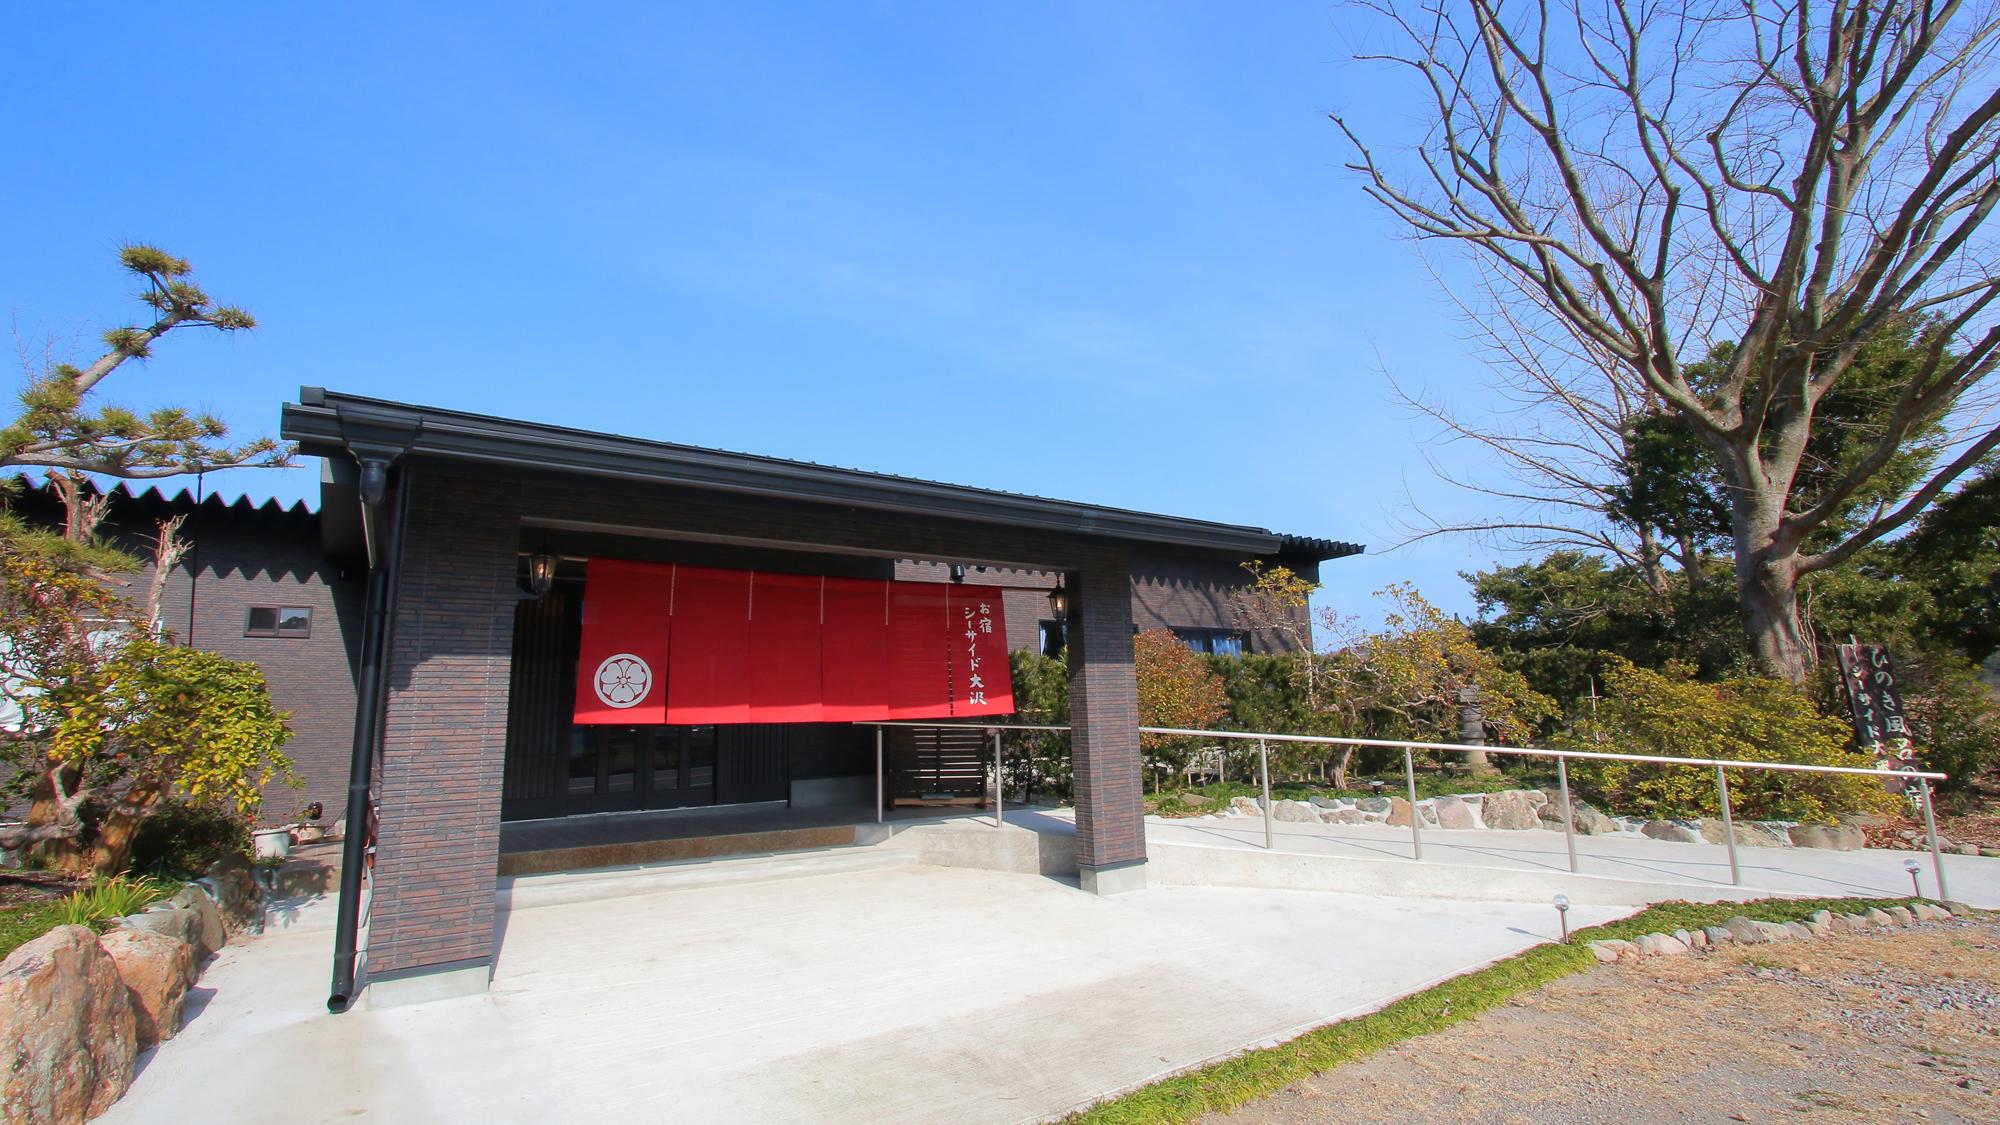 ひのき風呂の民宿 シーサイド大沢◆楽天トラベル